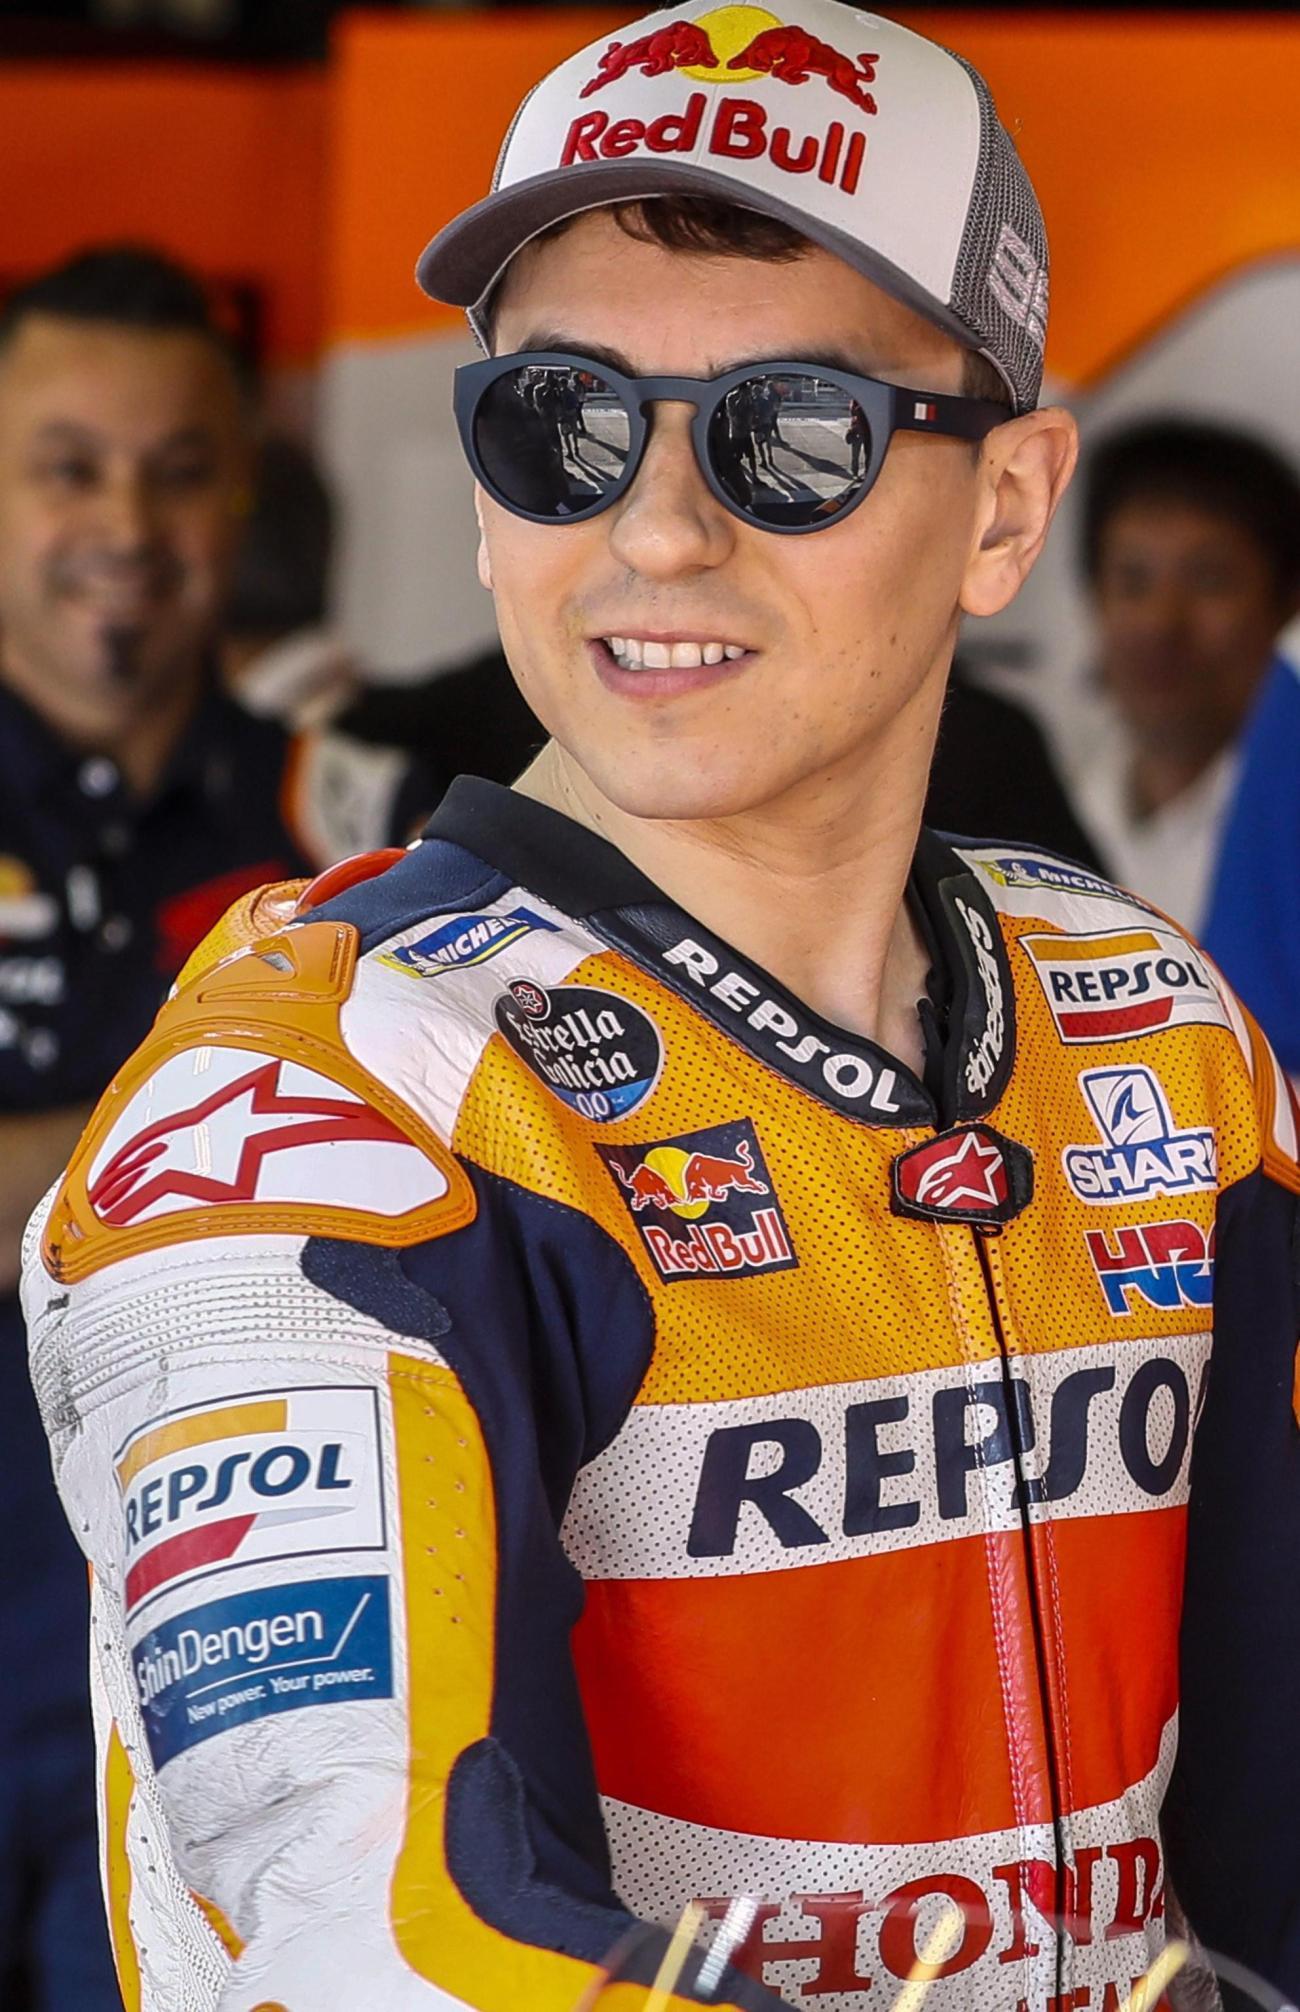 Venerdì di libere a Jerez, prima tappa europea della stagione di MotoGP